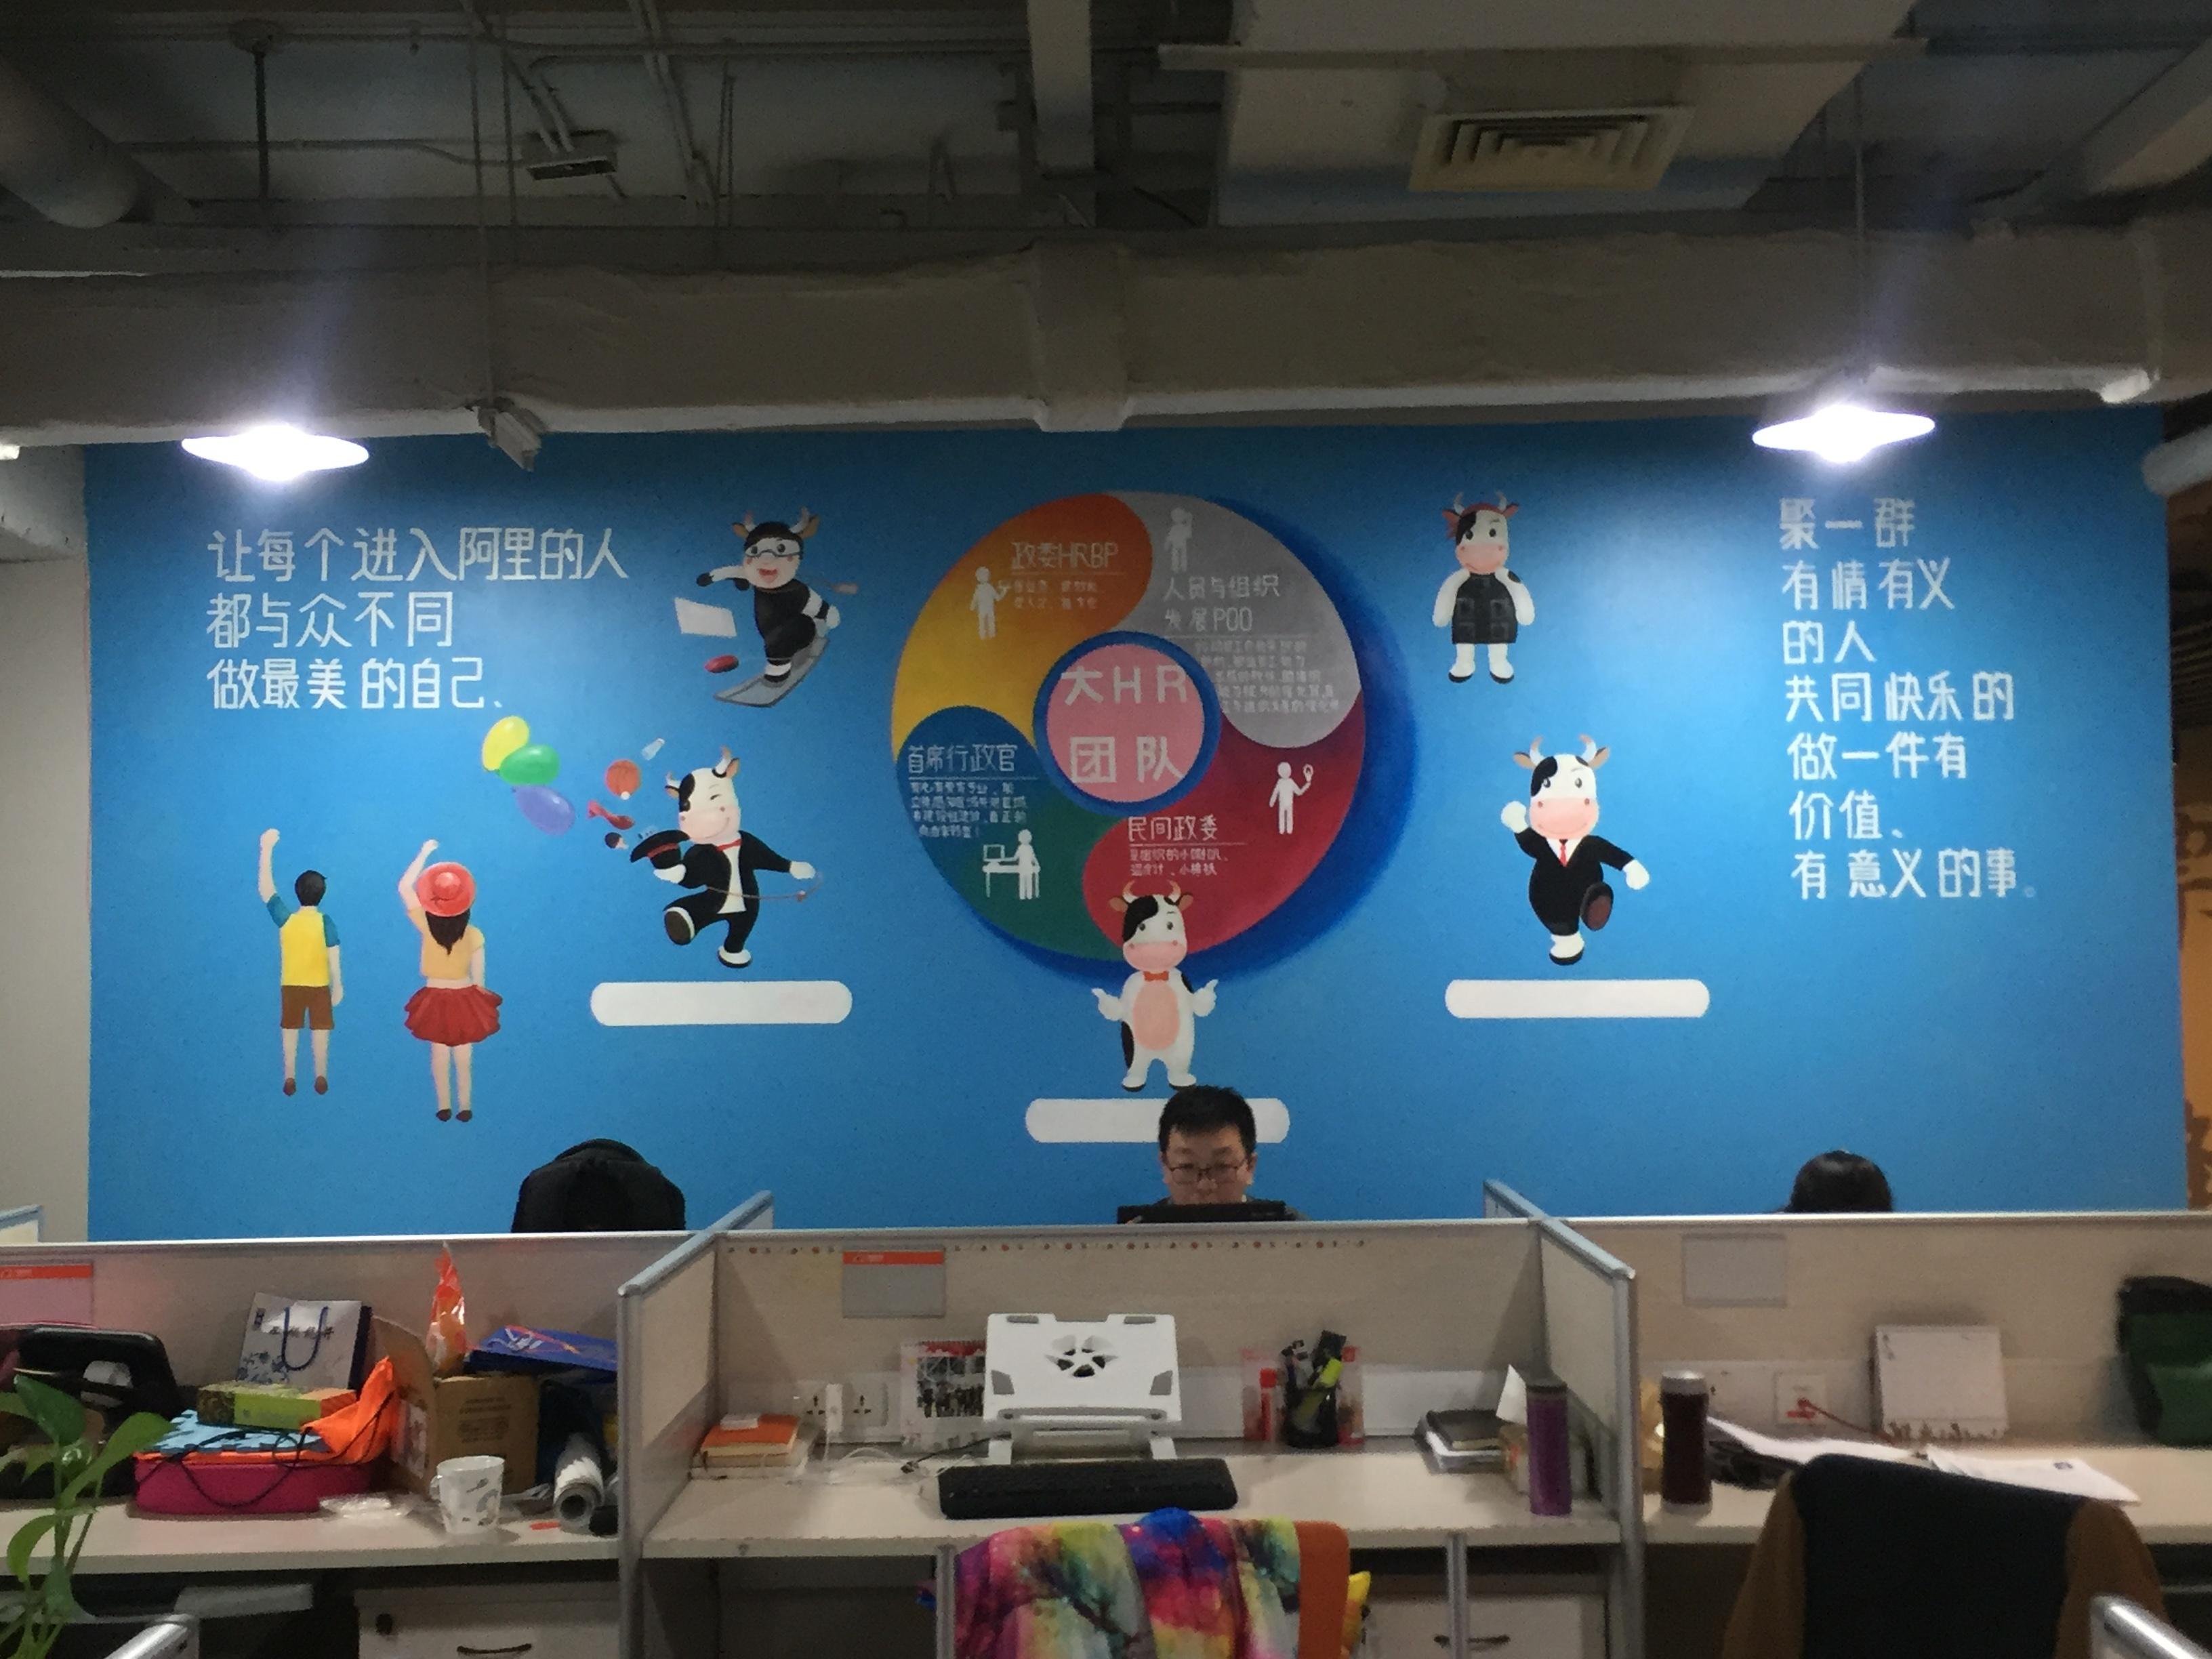 上海墙绘立体3d彩绘阿里巴巴办公室墙绘